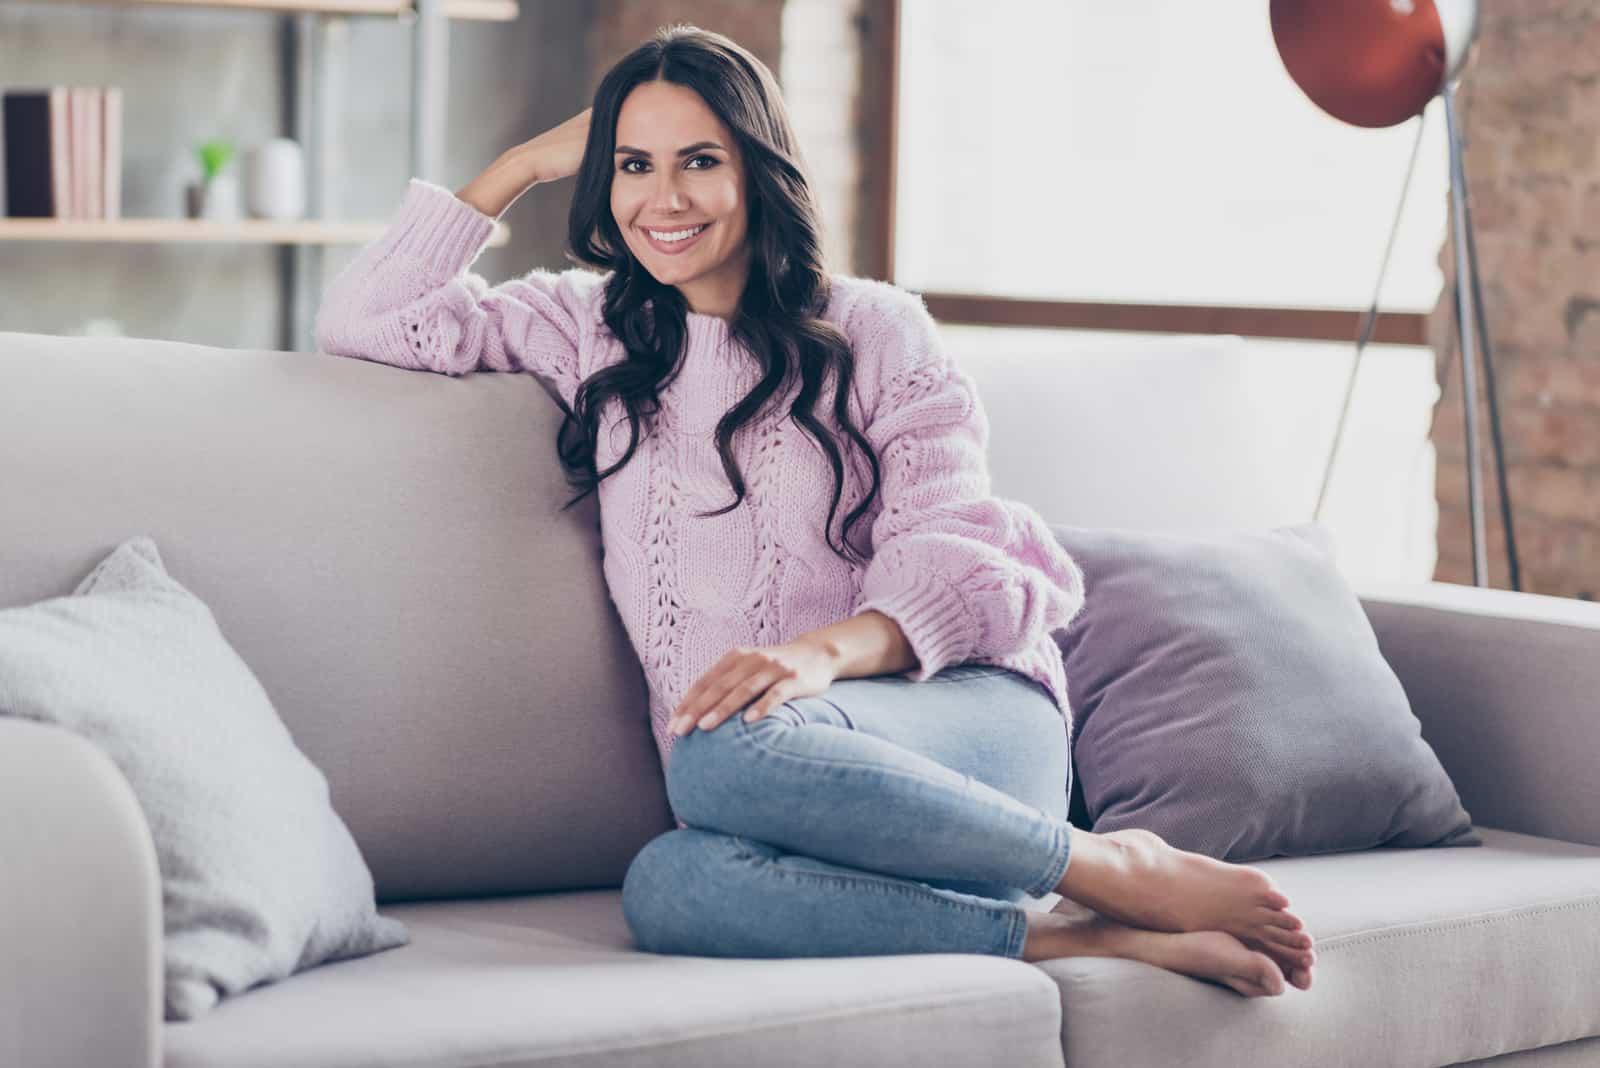 belle femme assise sur le canapé à la maison